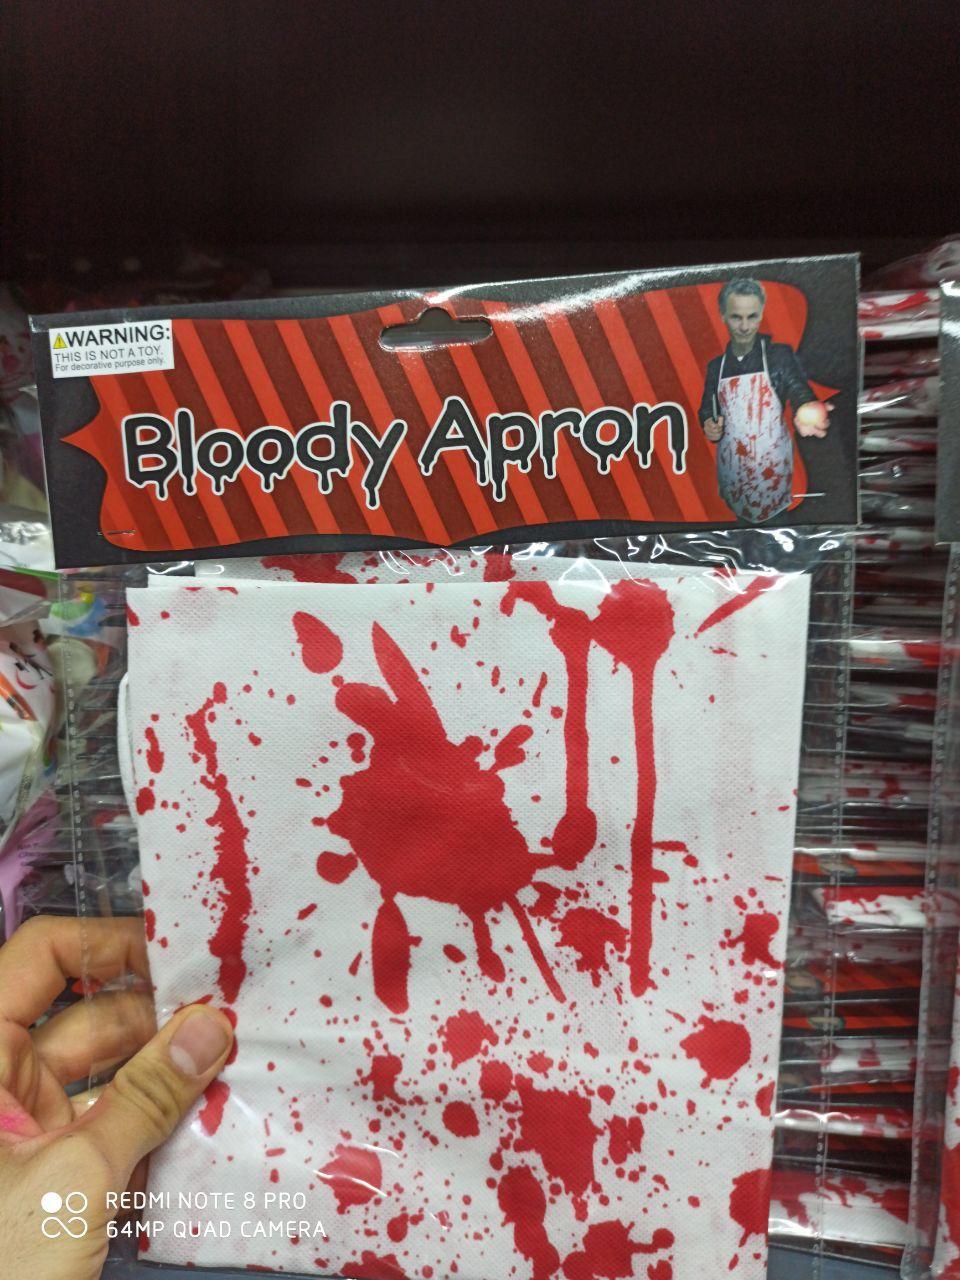 قیمت عمده لوازم هالووین پیش بند قاتل و نوار خطر هالووین